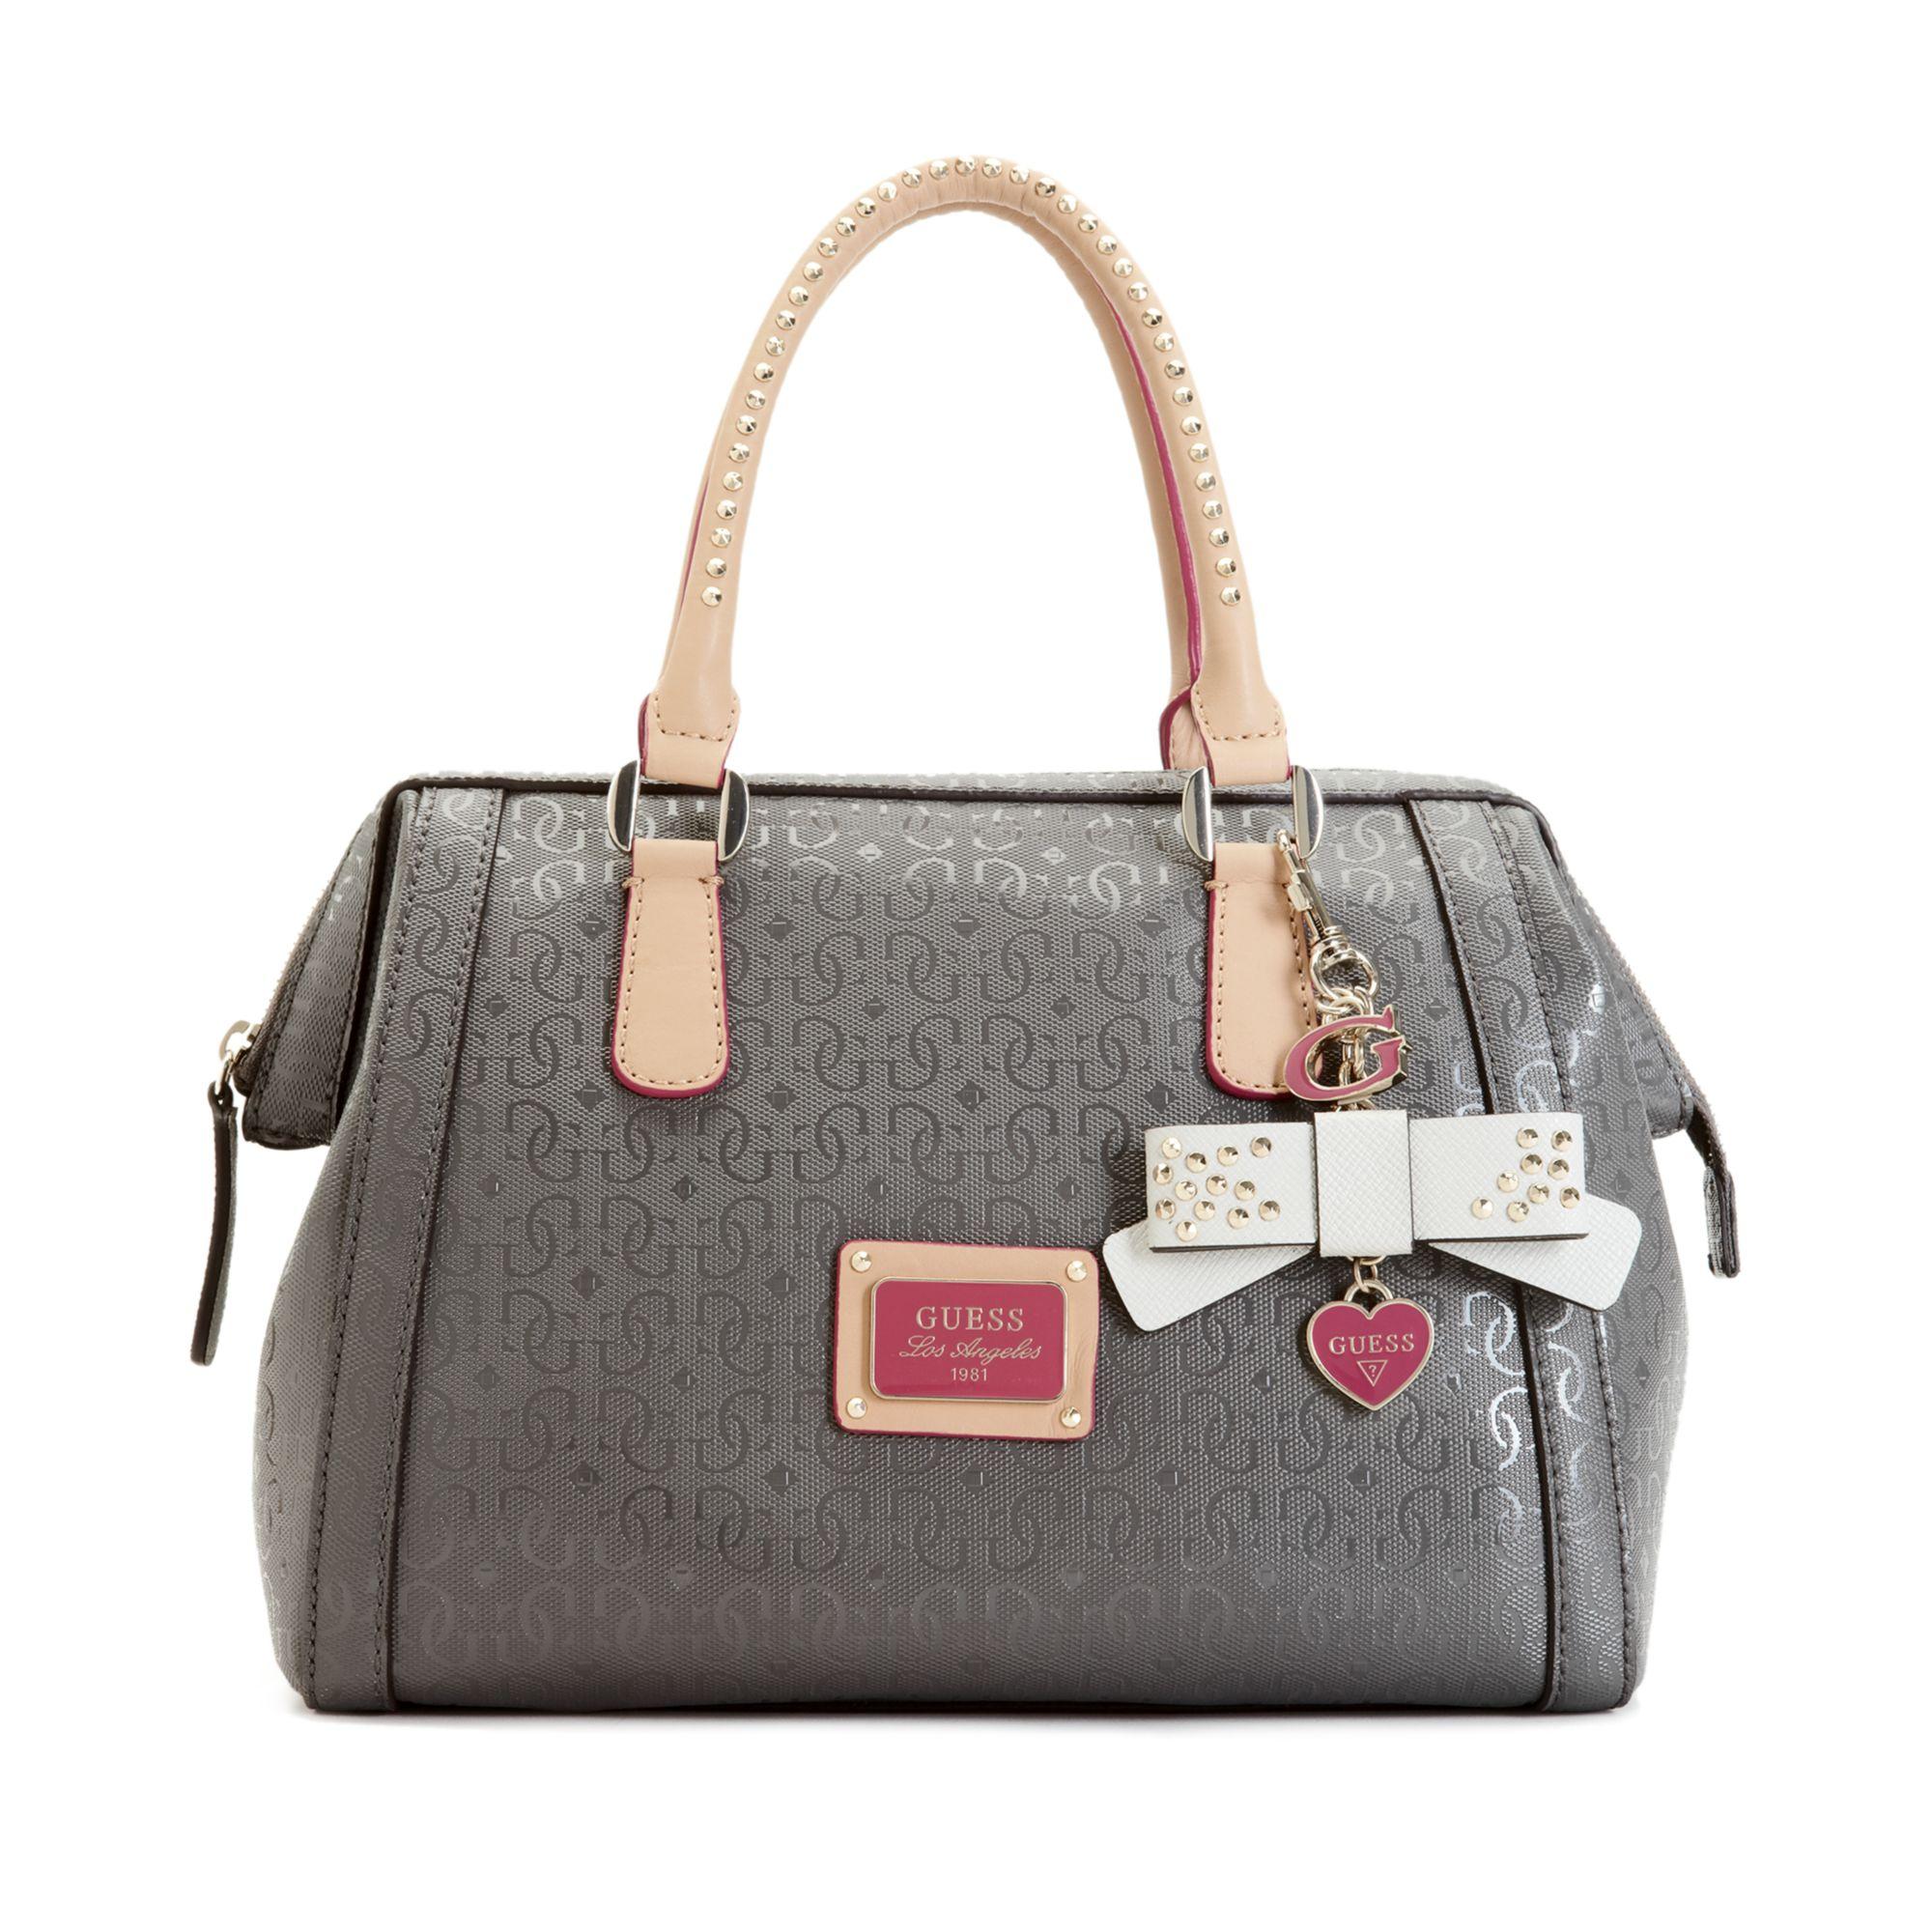 Guess Guess Handbag Specks Frame Satchel